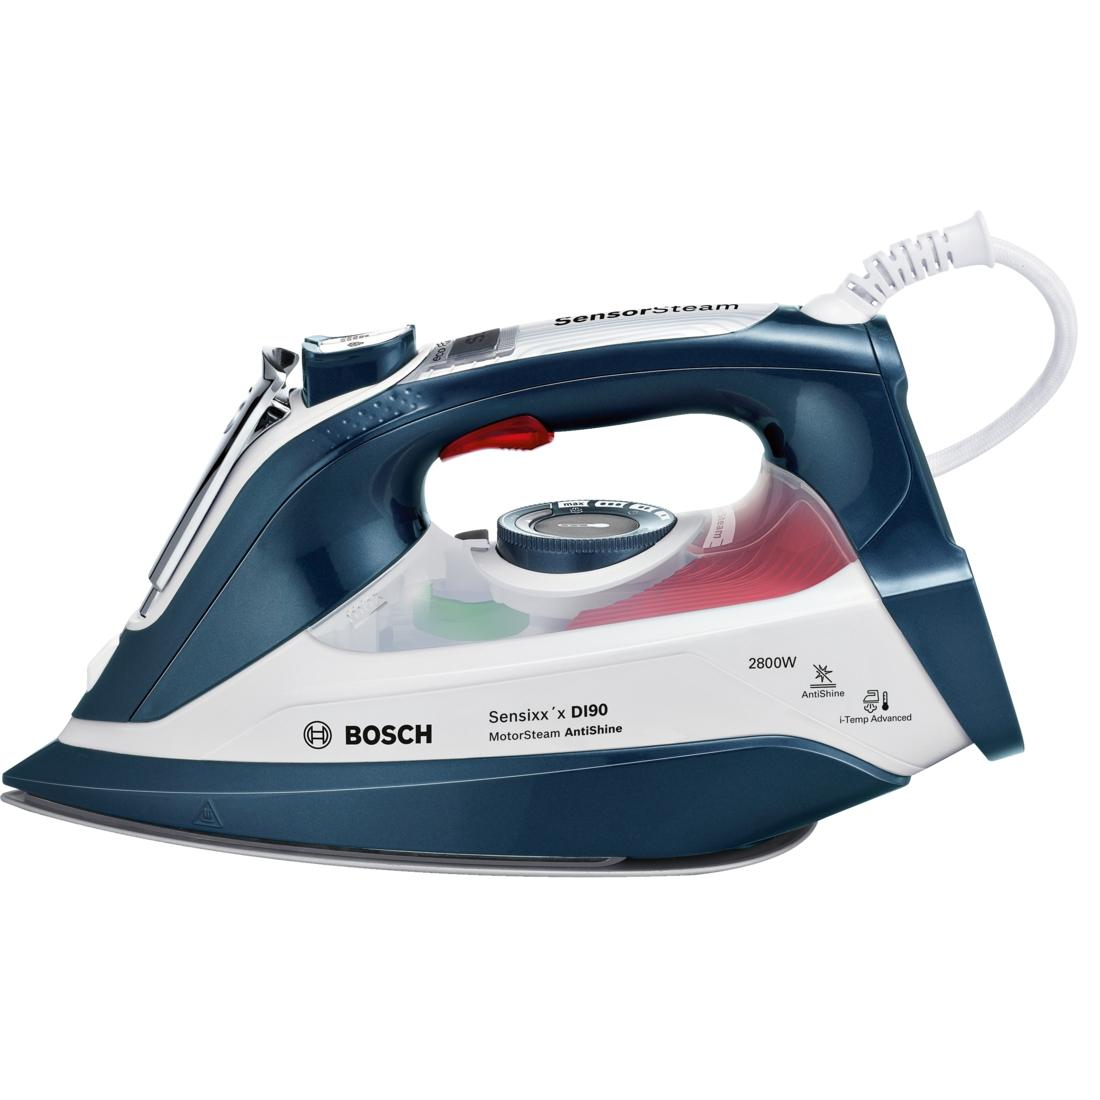 Fier de calcat Bosch Sensixx'x DI90 AntiShine TDI902836A 2800W Capacitate 400ml Albastru/Alb